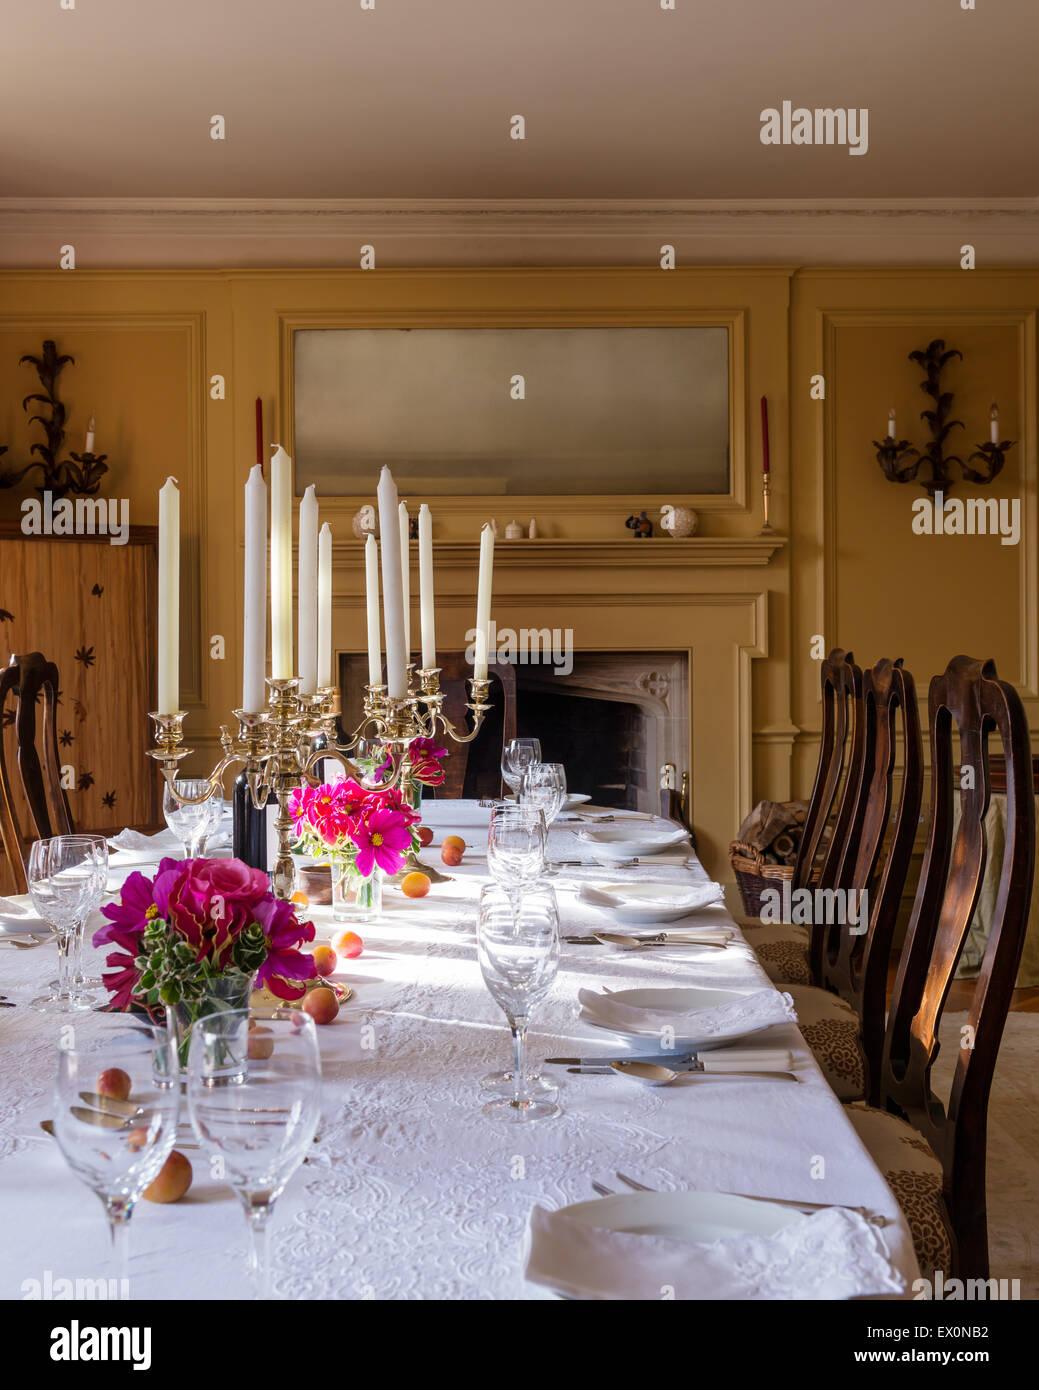 Candélabres sur table avec nappe en coton blanc et mobilier chaise de salle à manger Photo Stock